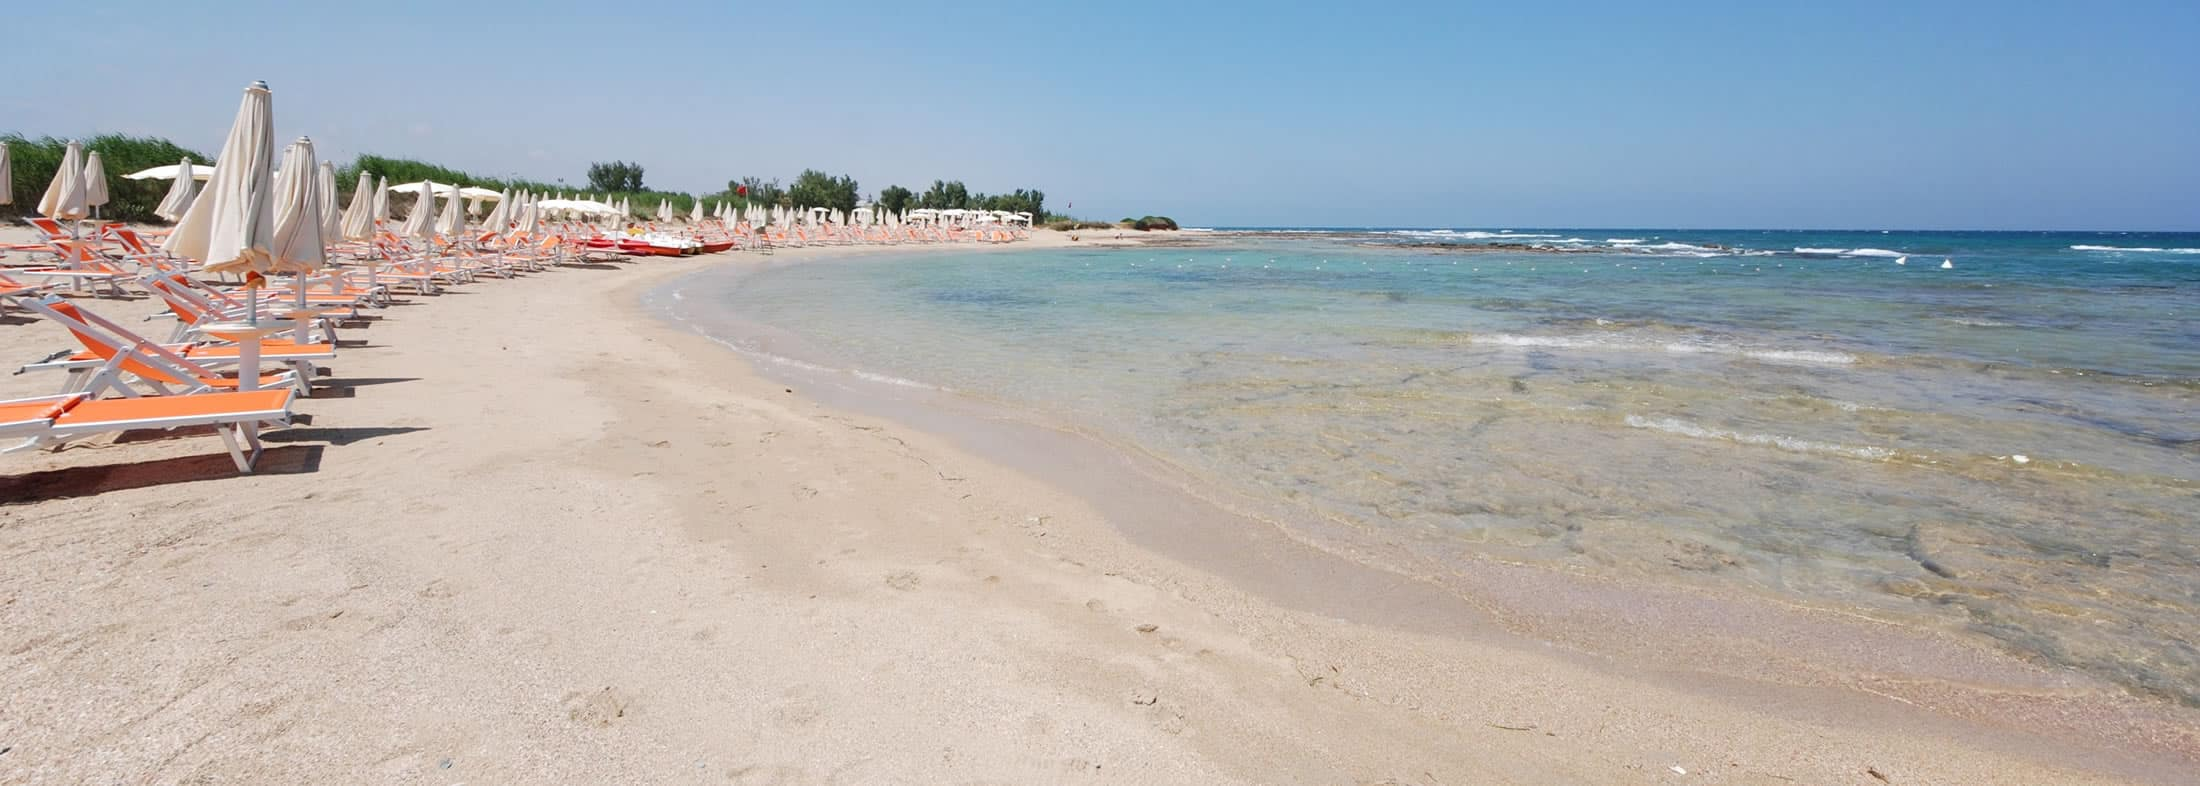 Mare e spiaggia con ombrelloni bianchi e lettini arancioni